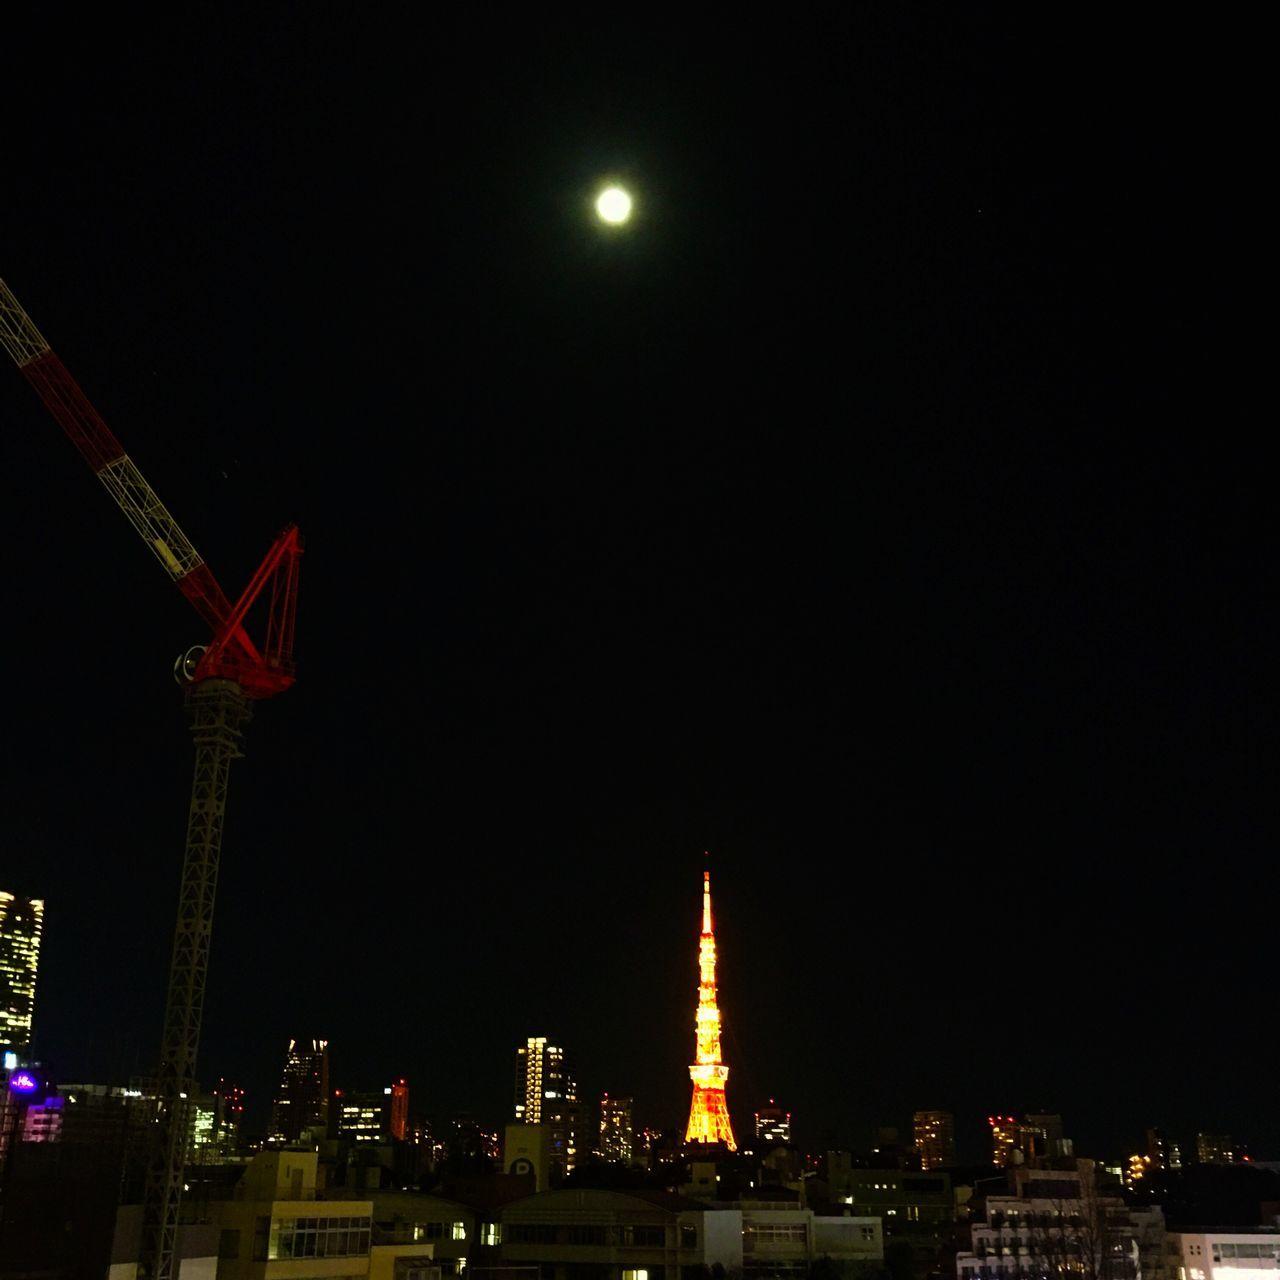 二次会。 東京タワー Tokyo Tower が蝋燭みたいだ。 Candle Candlelight Night Illuminated City Streetphotography Tokyo EyeEm Best Shots EyeEmBestPics From My Point Of View Nightphotography Night Lights Urban Landscape Urbanphotography Cityscape